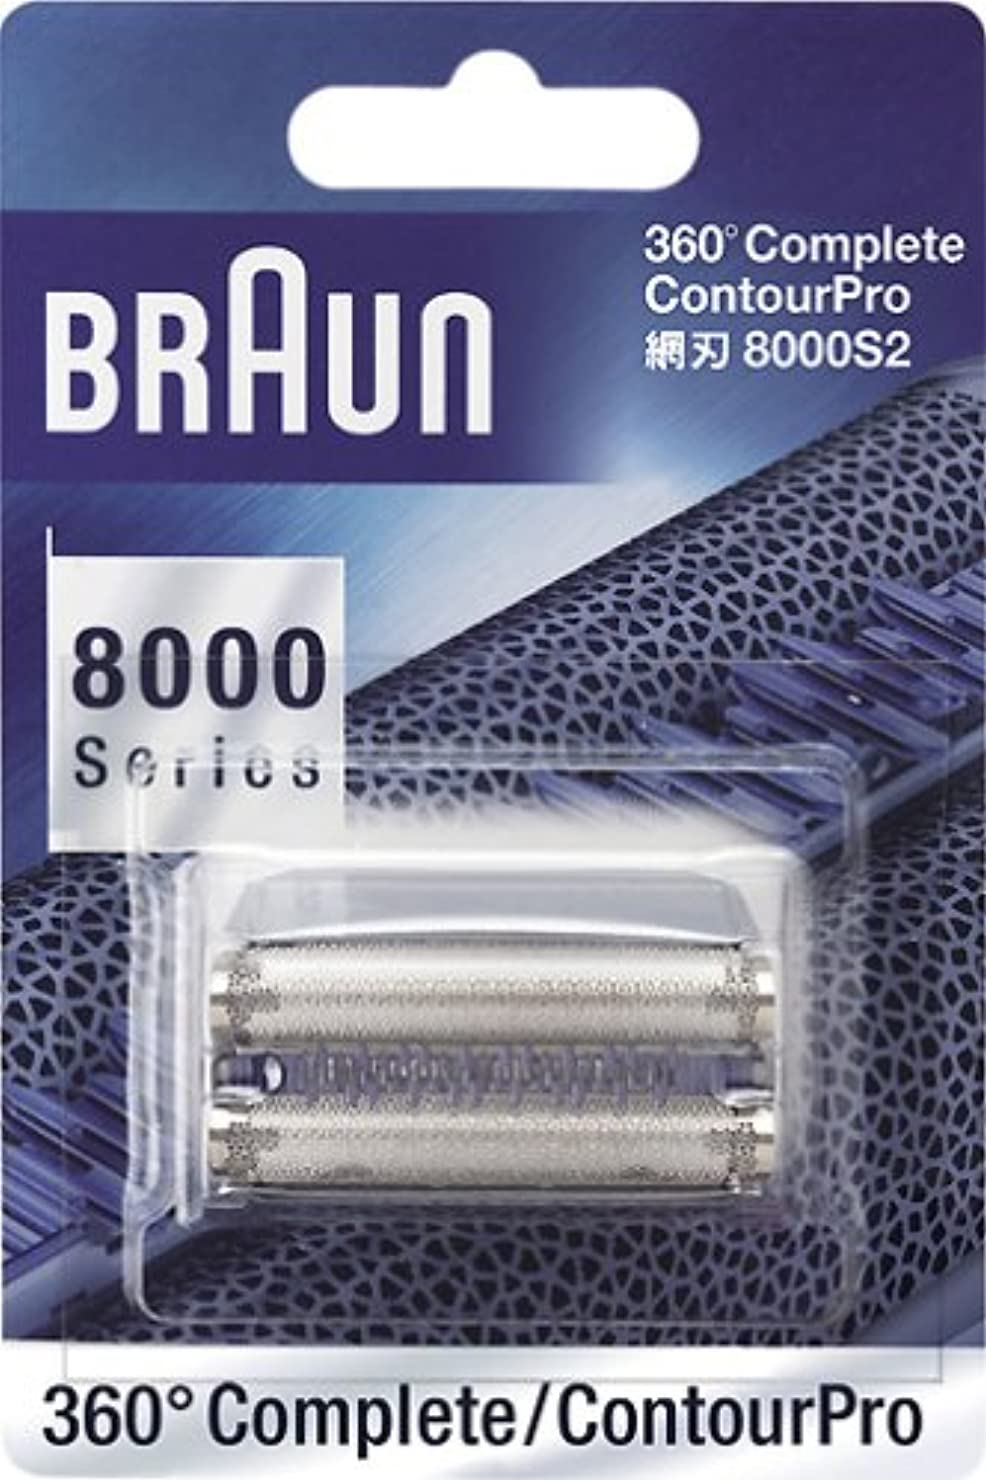 インフルエンザ仲人老人ブラウン 360°コンプリート/コントゥアプロ用 網刃 F8000S2